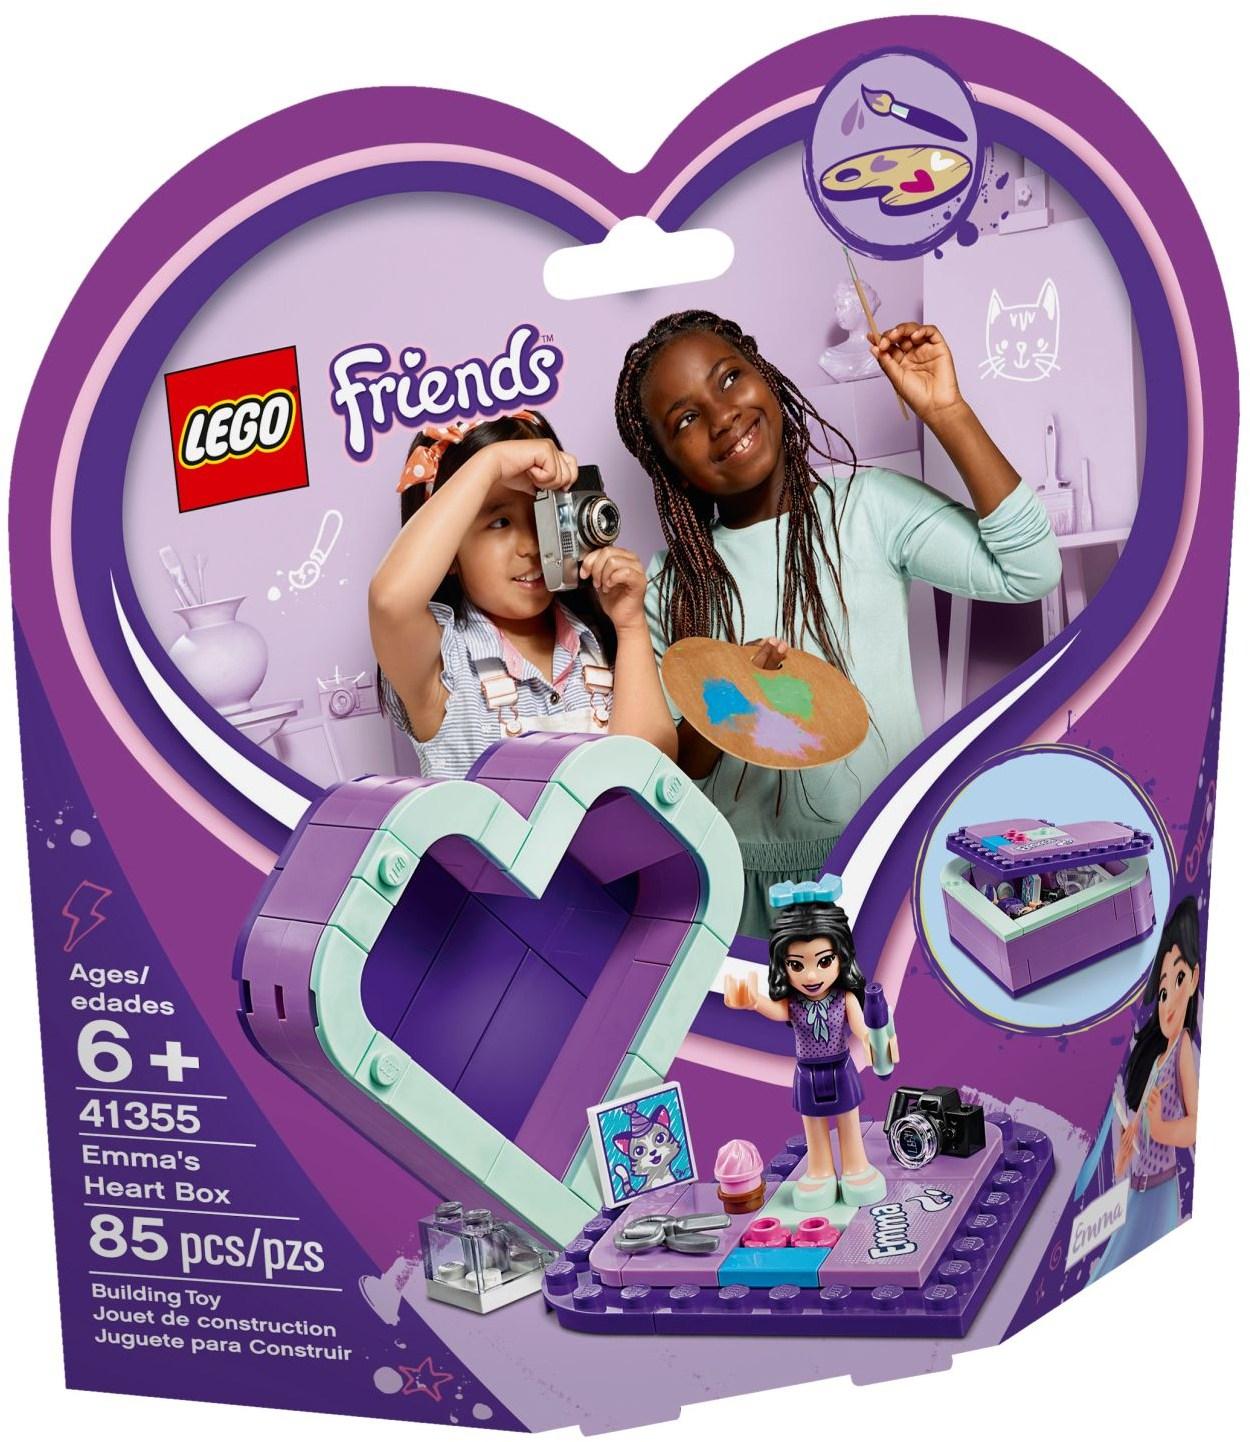 Emma's Heart Box (41355) | LEGO Friends Wiki | FANDOM